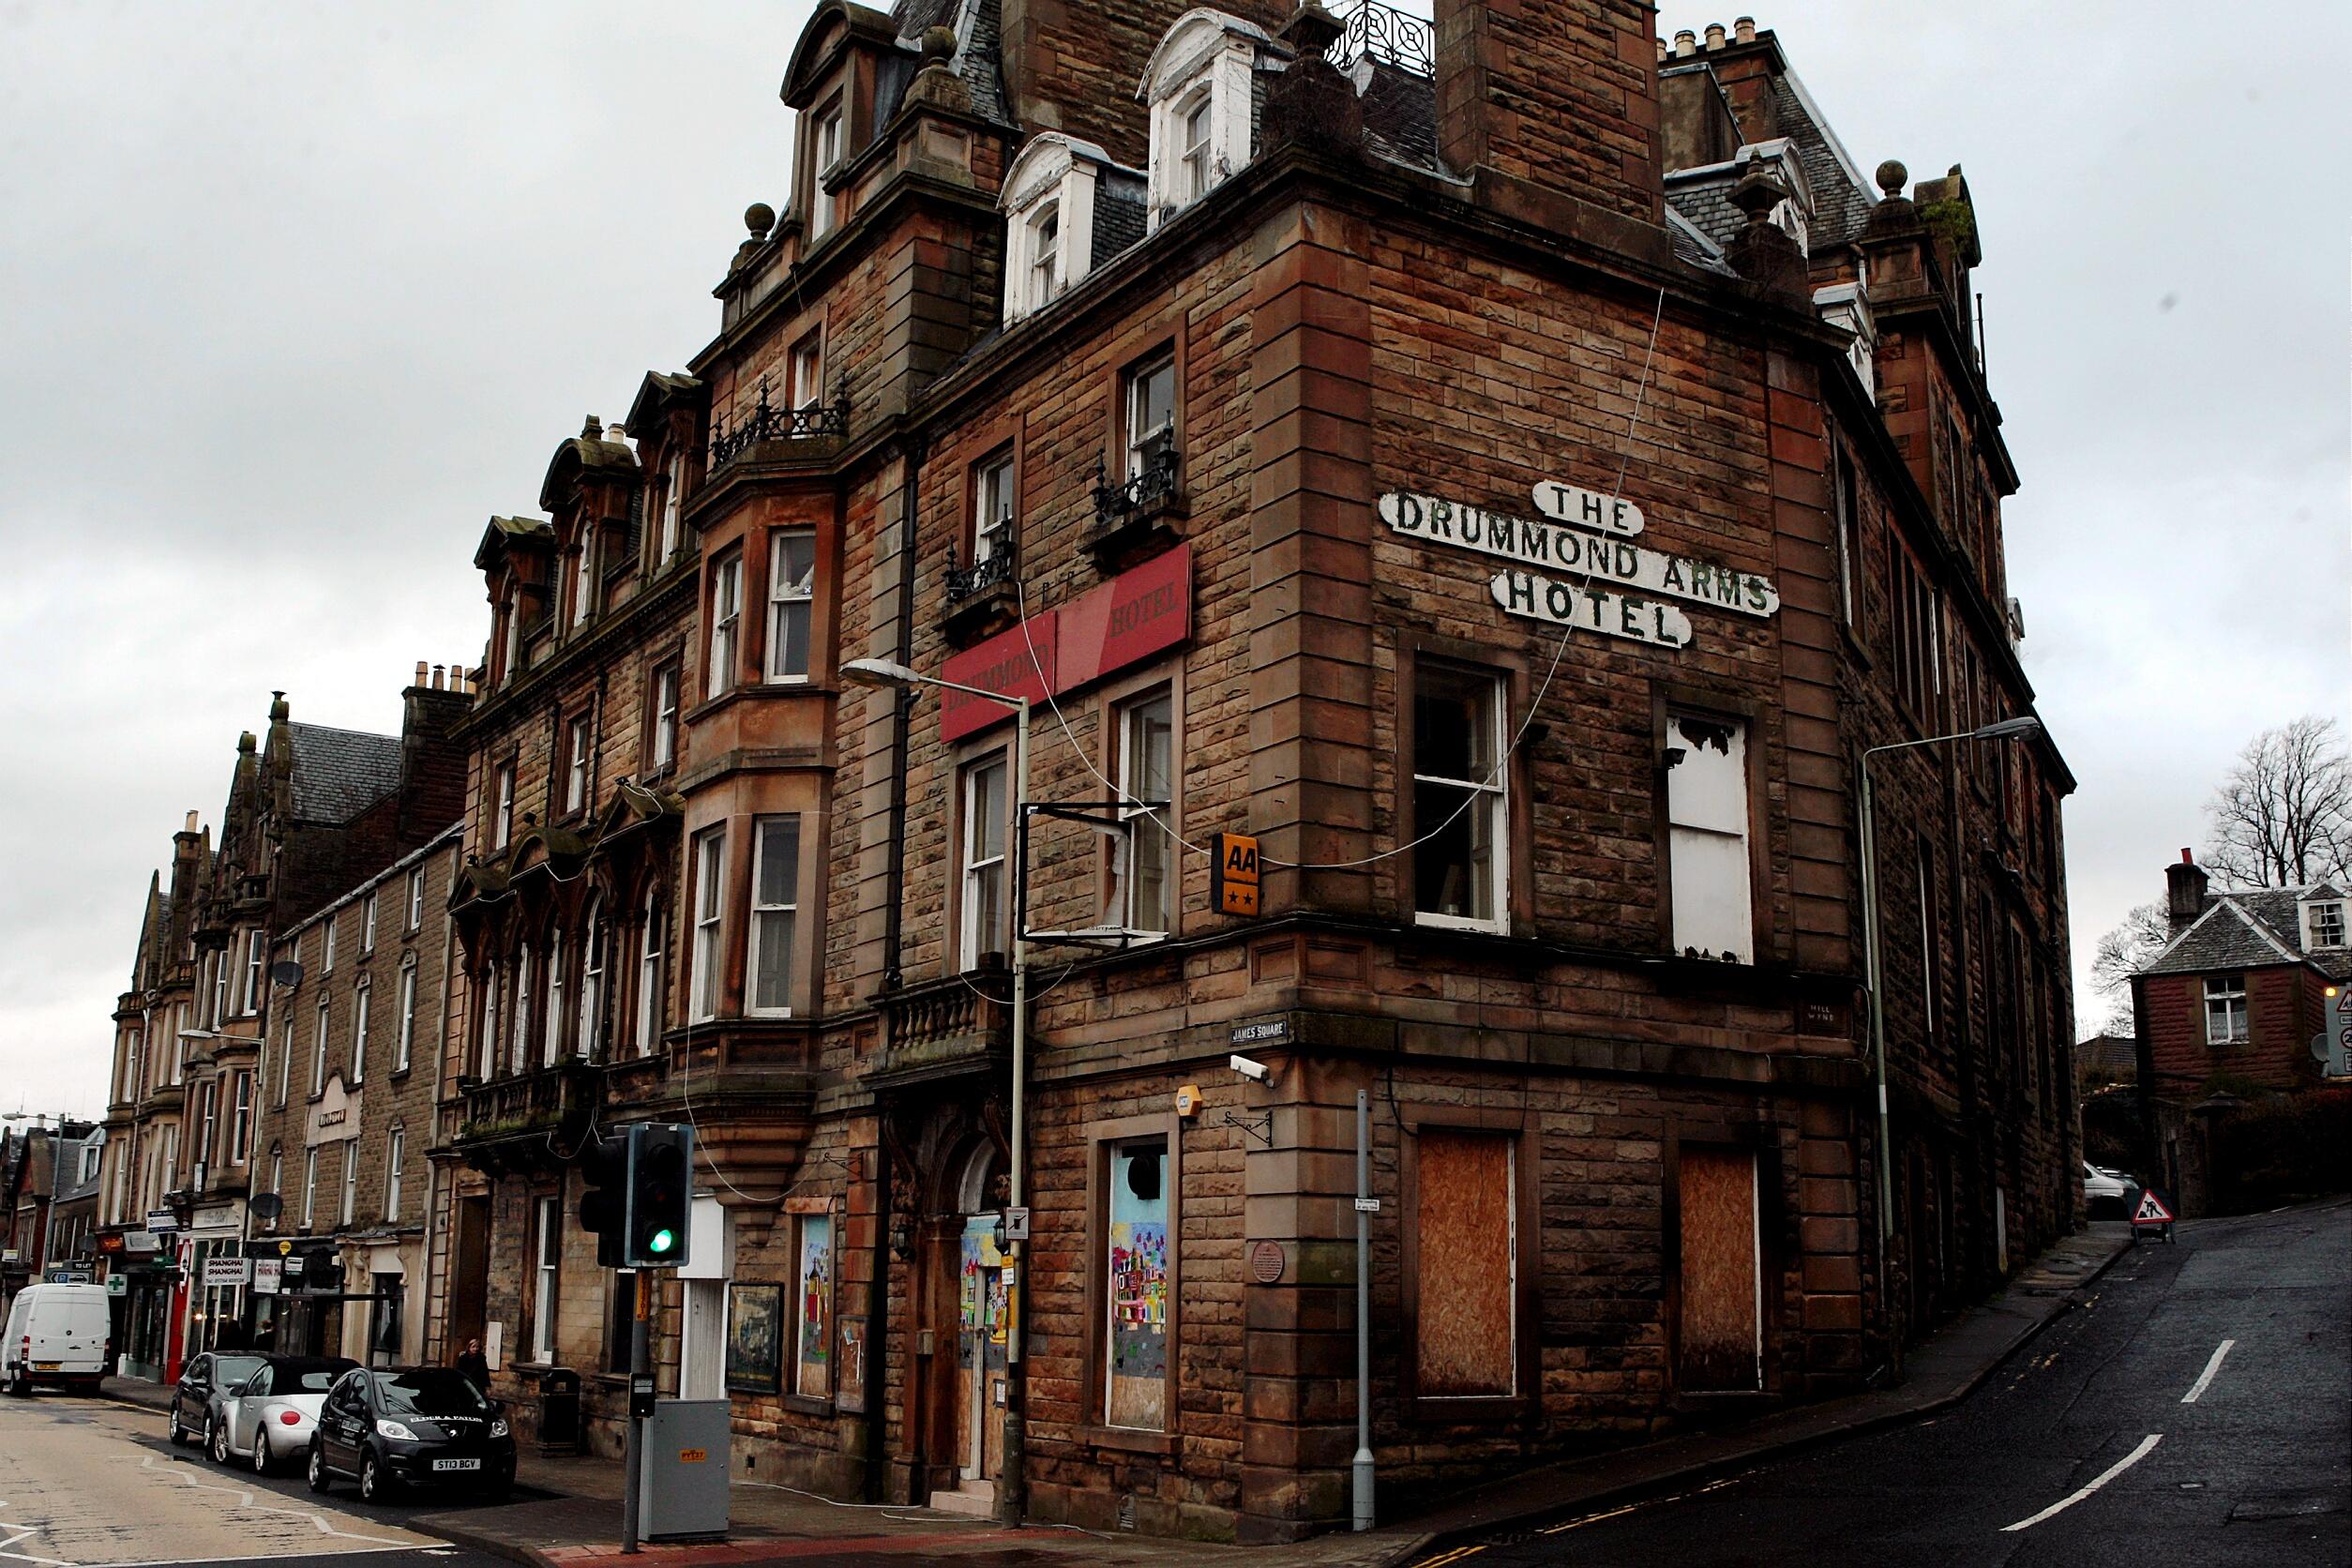 Drummond Arms Hotel, Crieff.